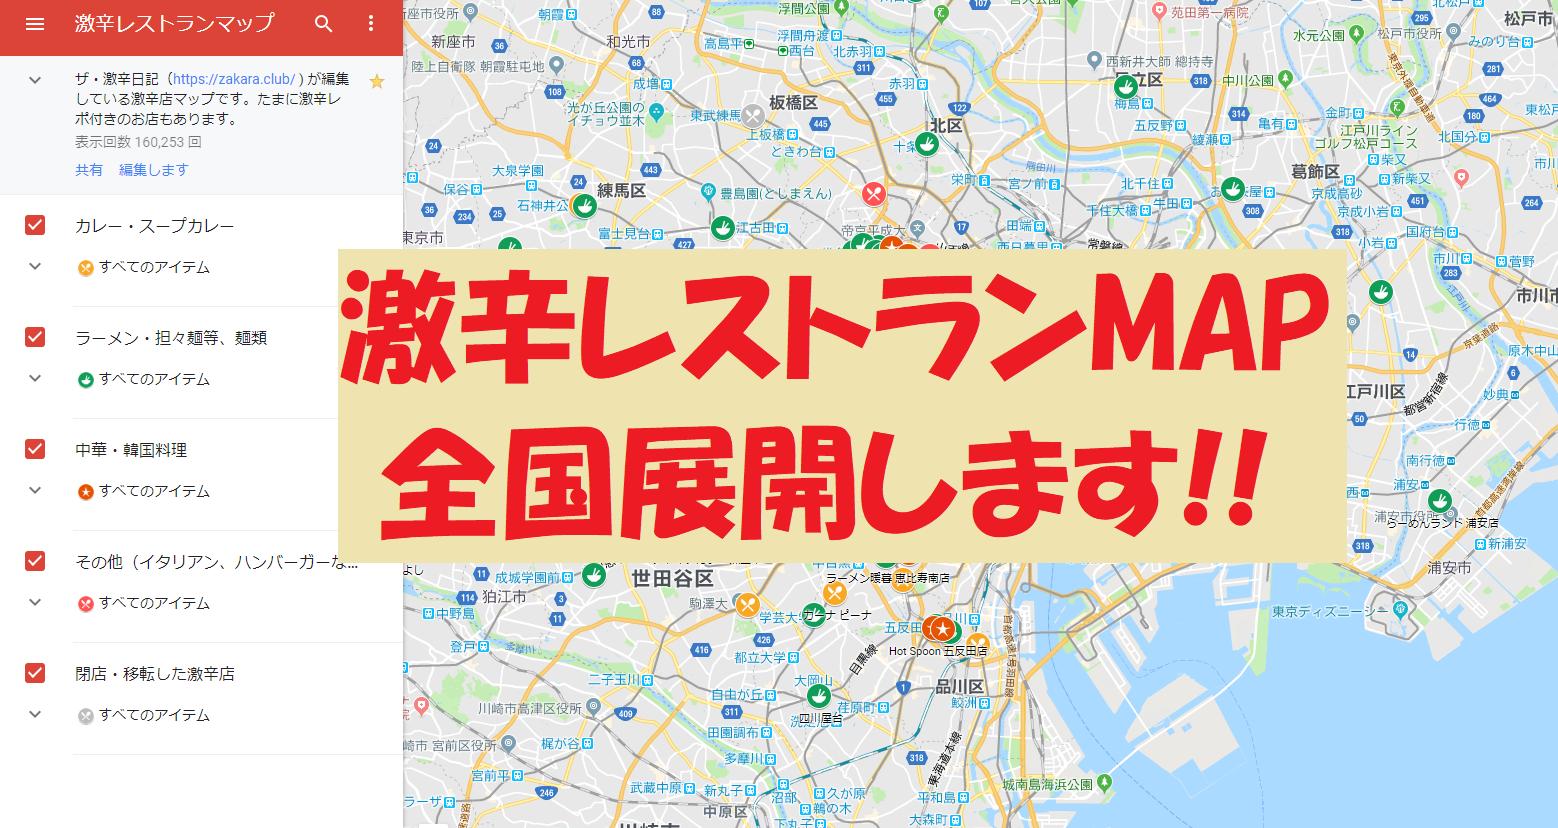 『激辛レストランマップ』の全国展開はじめます!!